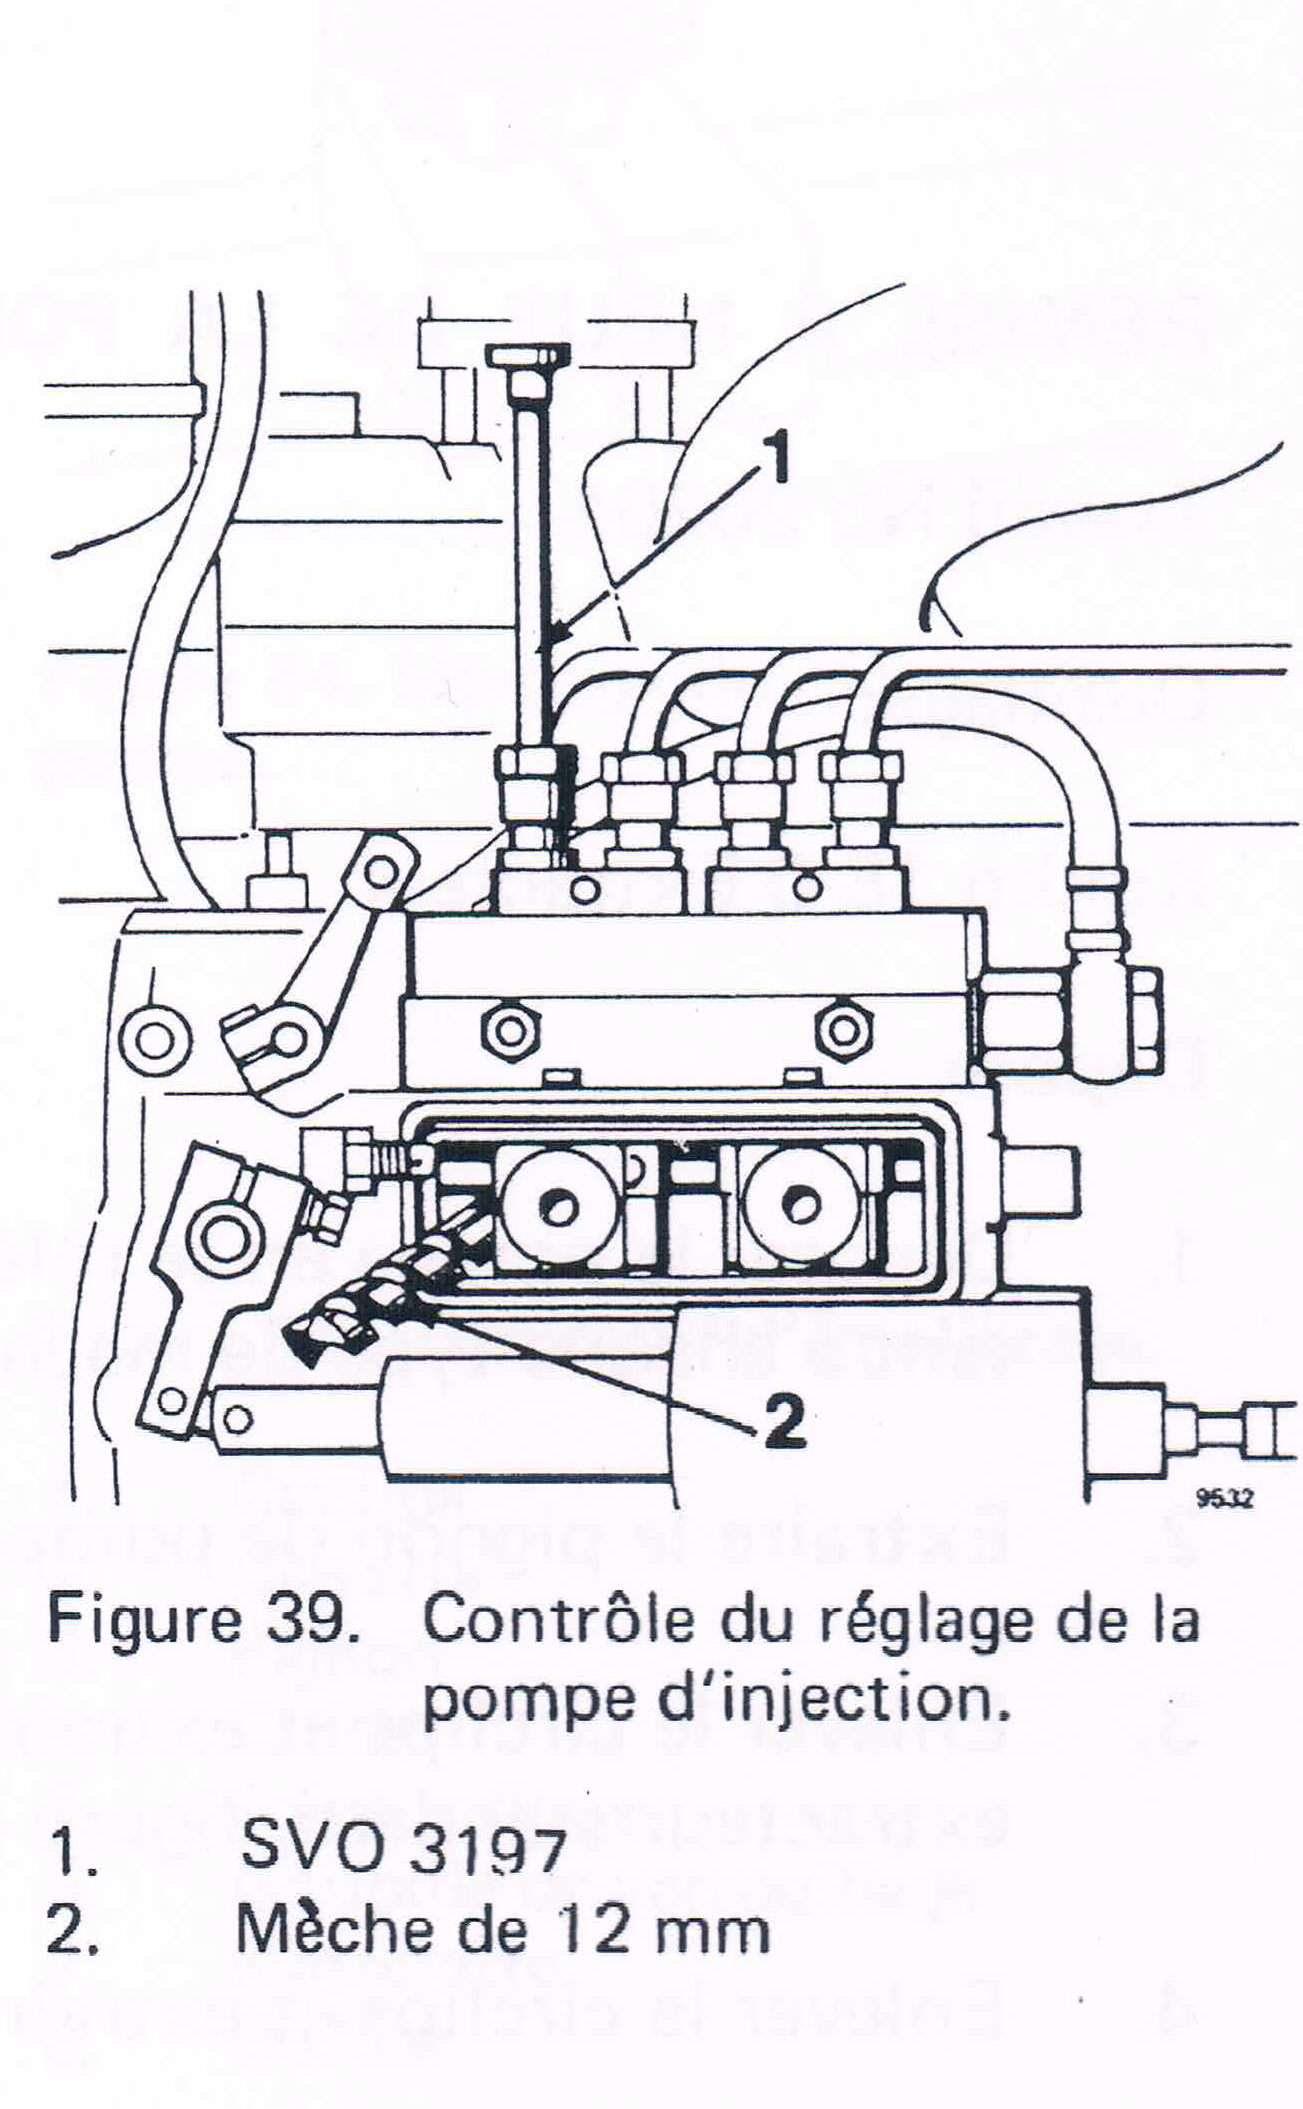 pompe d u0026 39 injection simm p5100  minimec  des moteurs d42